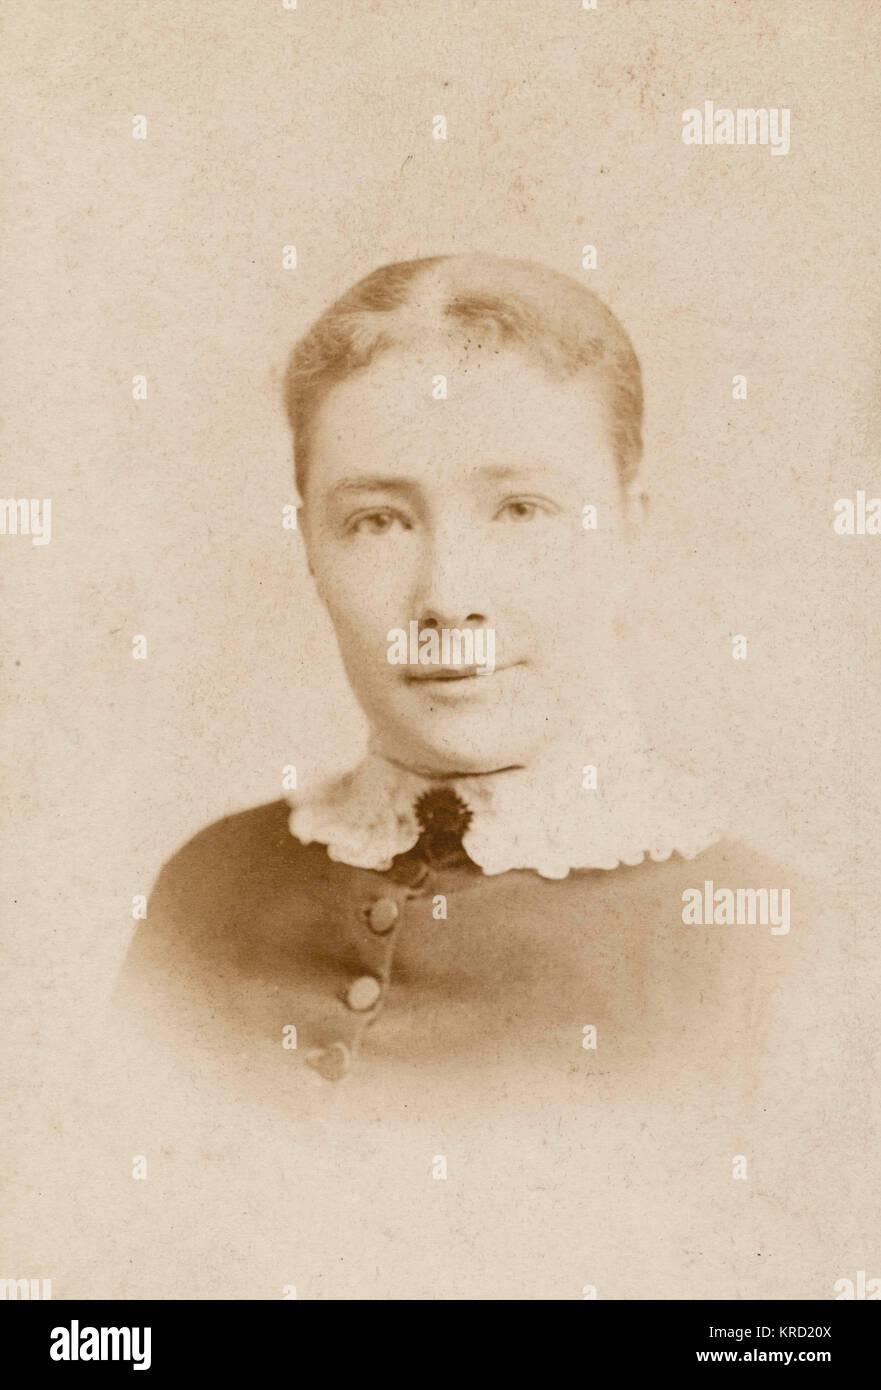 Una giovane donna in un testa e spalle fotografia, indossando un abito abbottonato con un collare bianco. Data: Immagini Stock